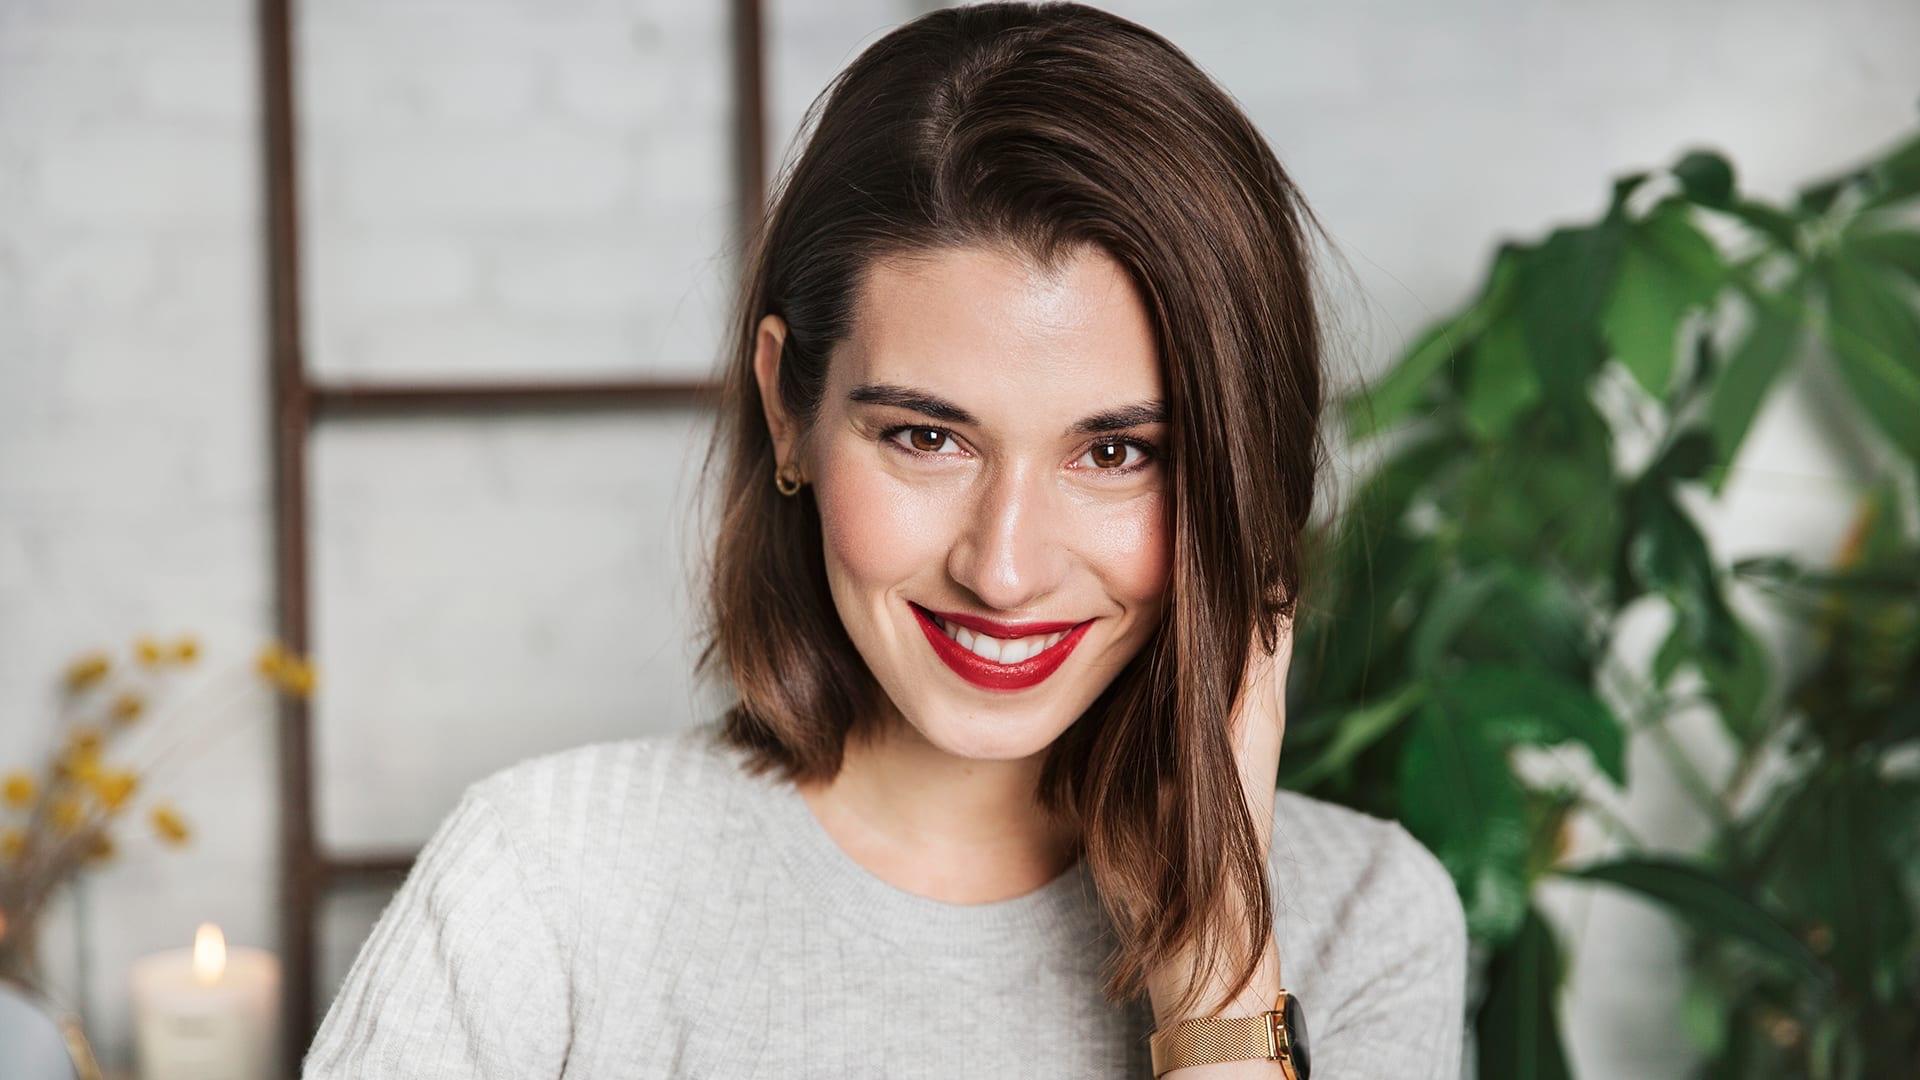 https://cleanbeauty101.follain.com/spring-makeup/